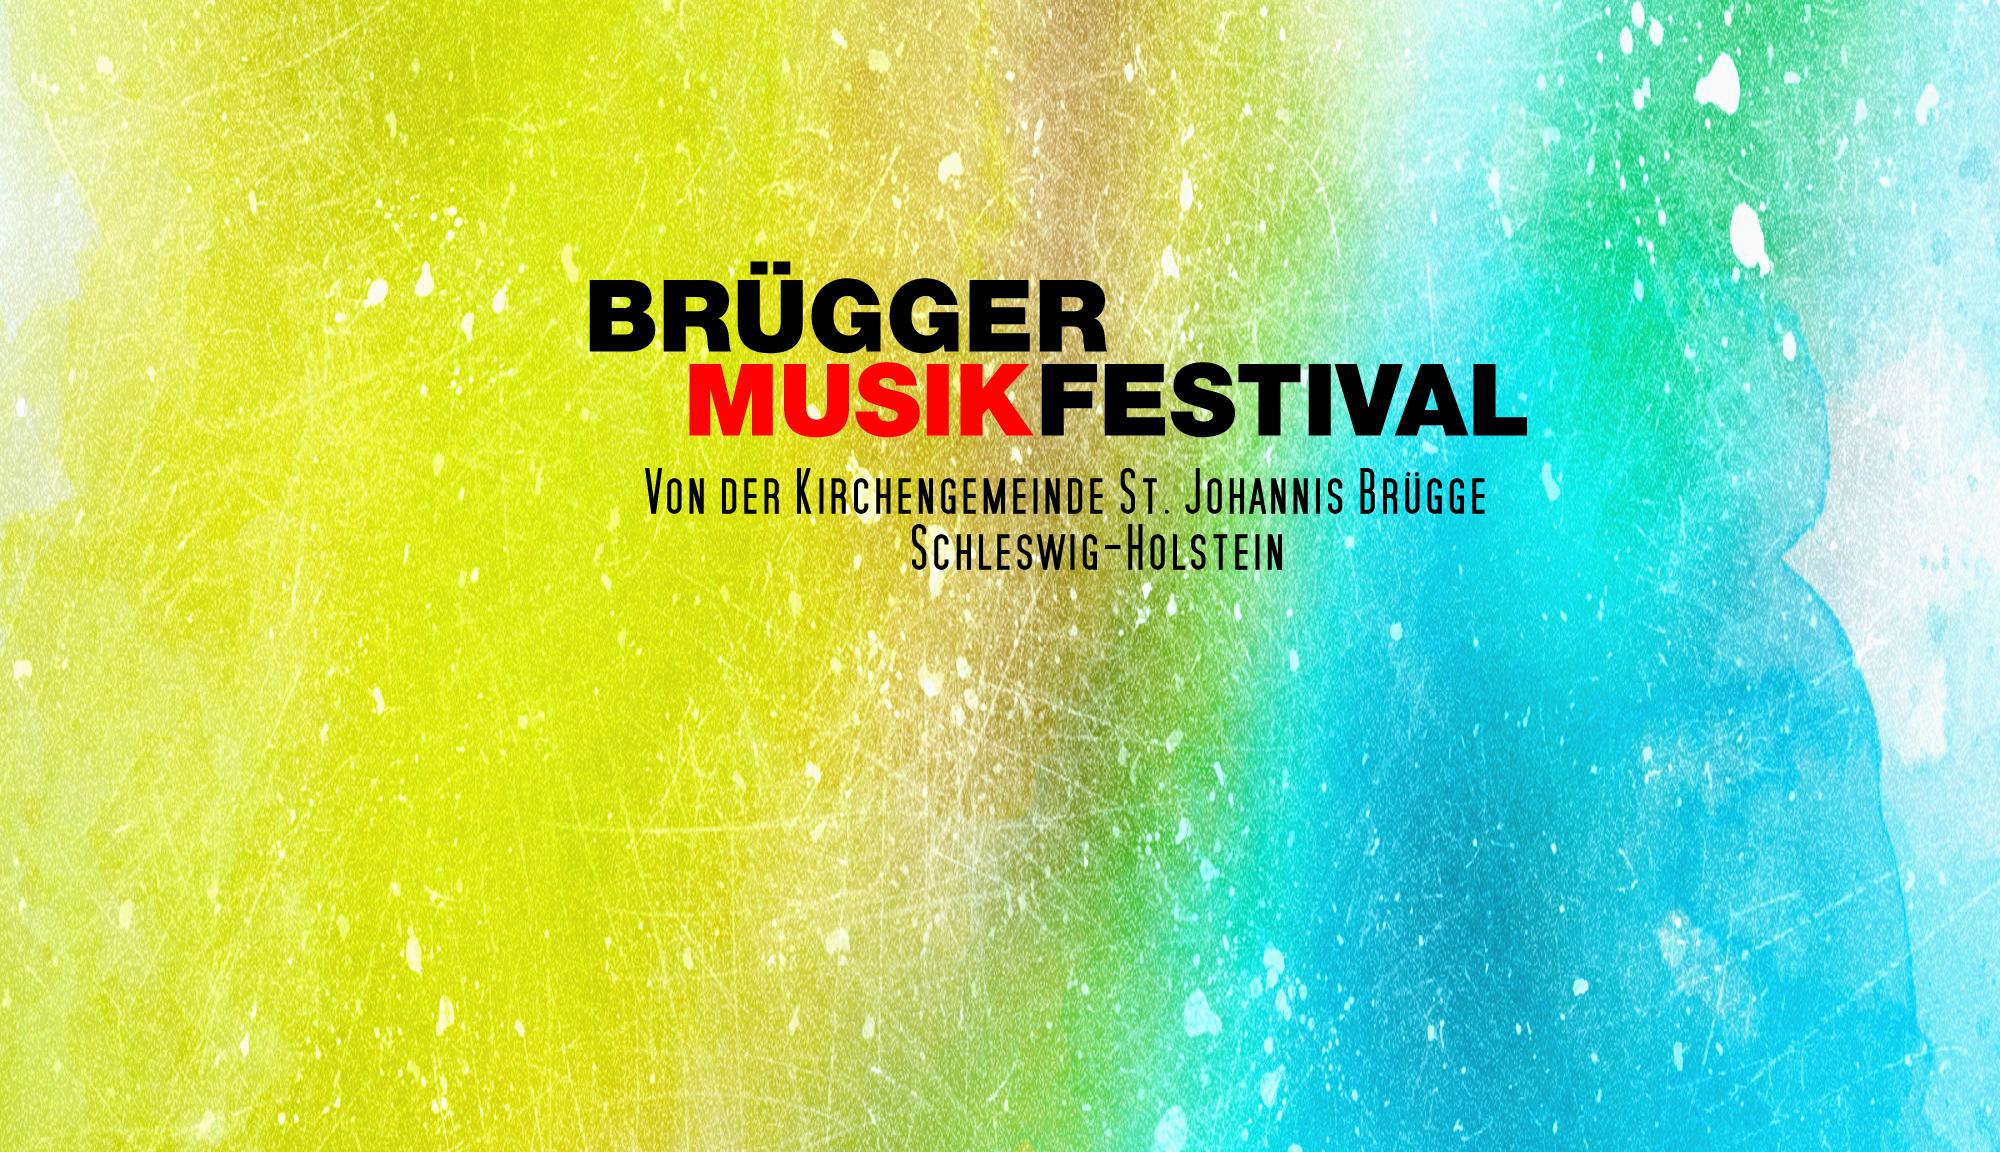 Brügger Musikfestival